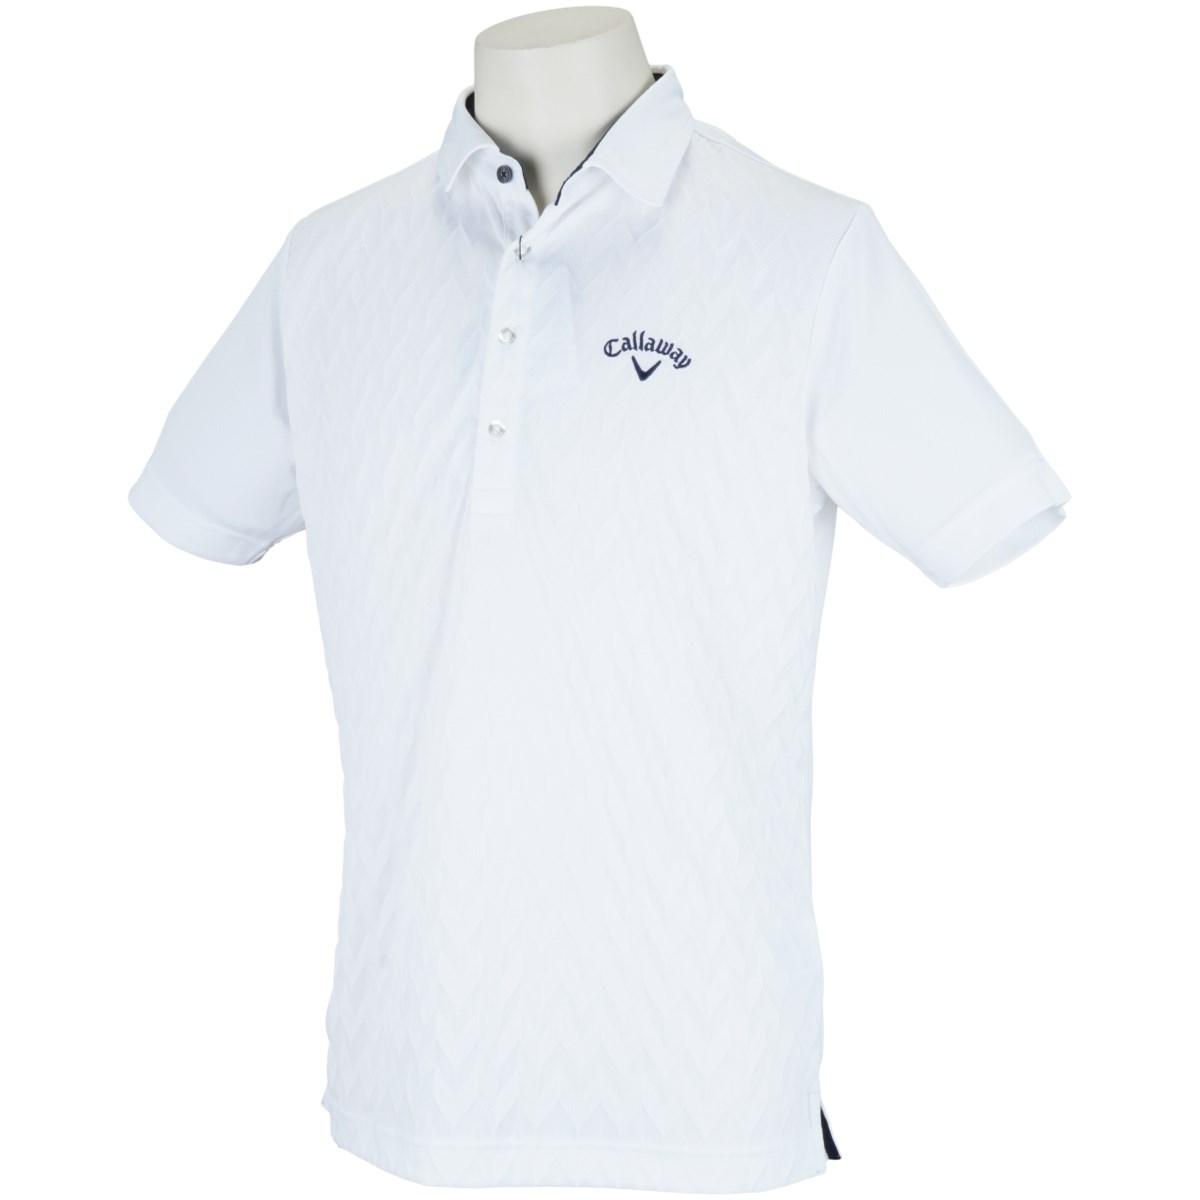 キャロウェイゴルフ Callaway Golf 半袖ポロシャツ M ホワイト 030